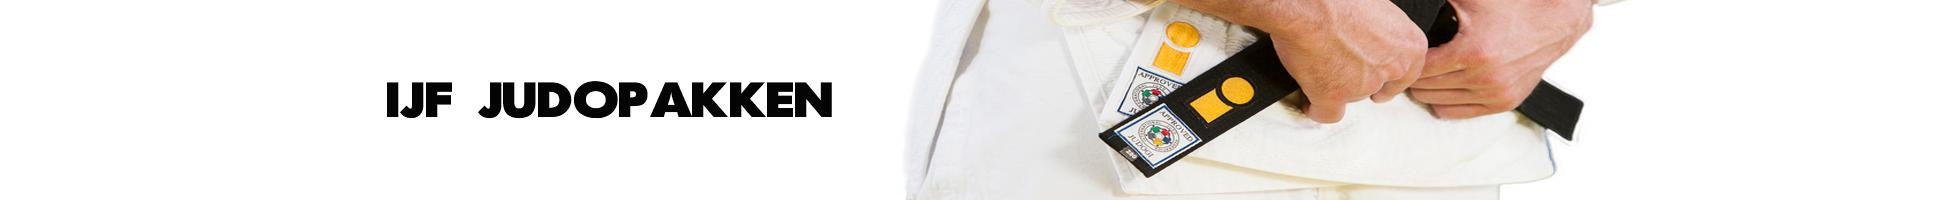 IJF judopakken